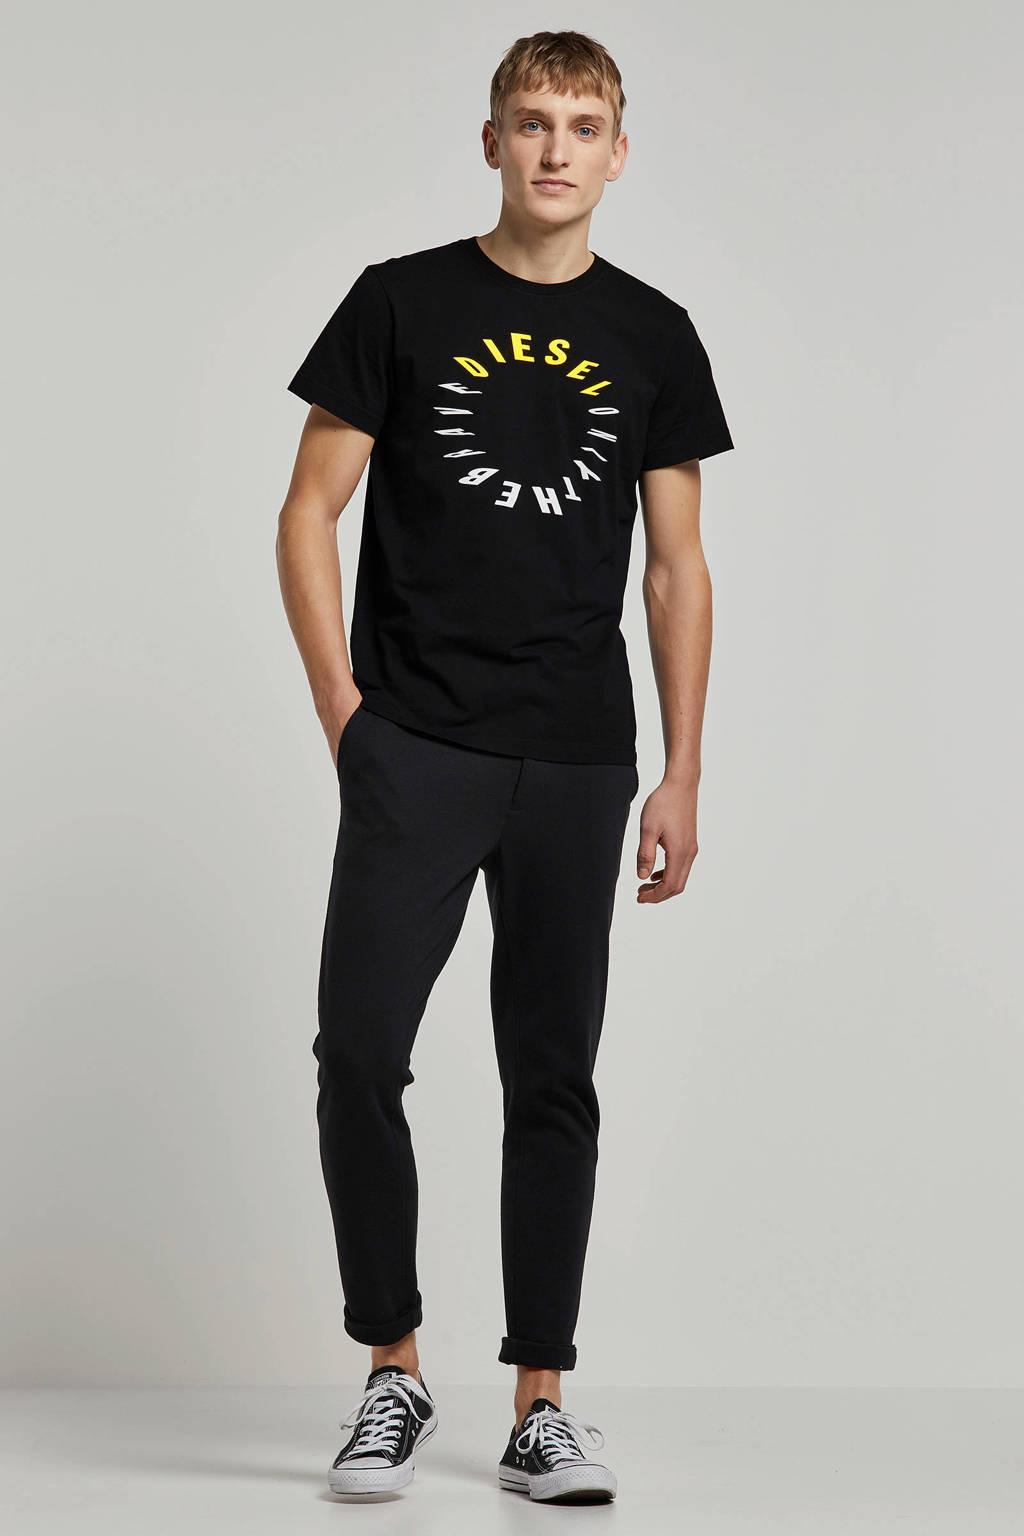 Diesel T-shirt, Zwart/geel/wit